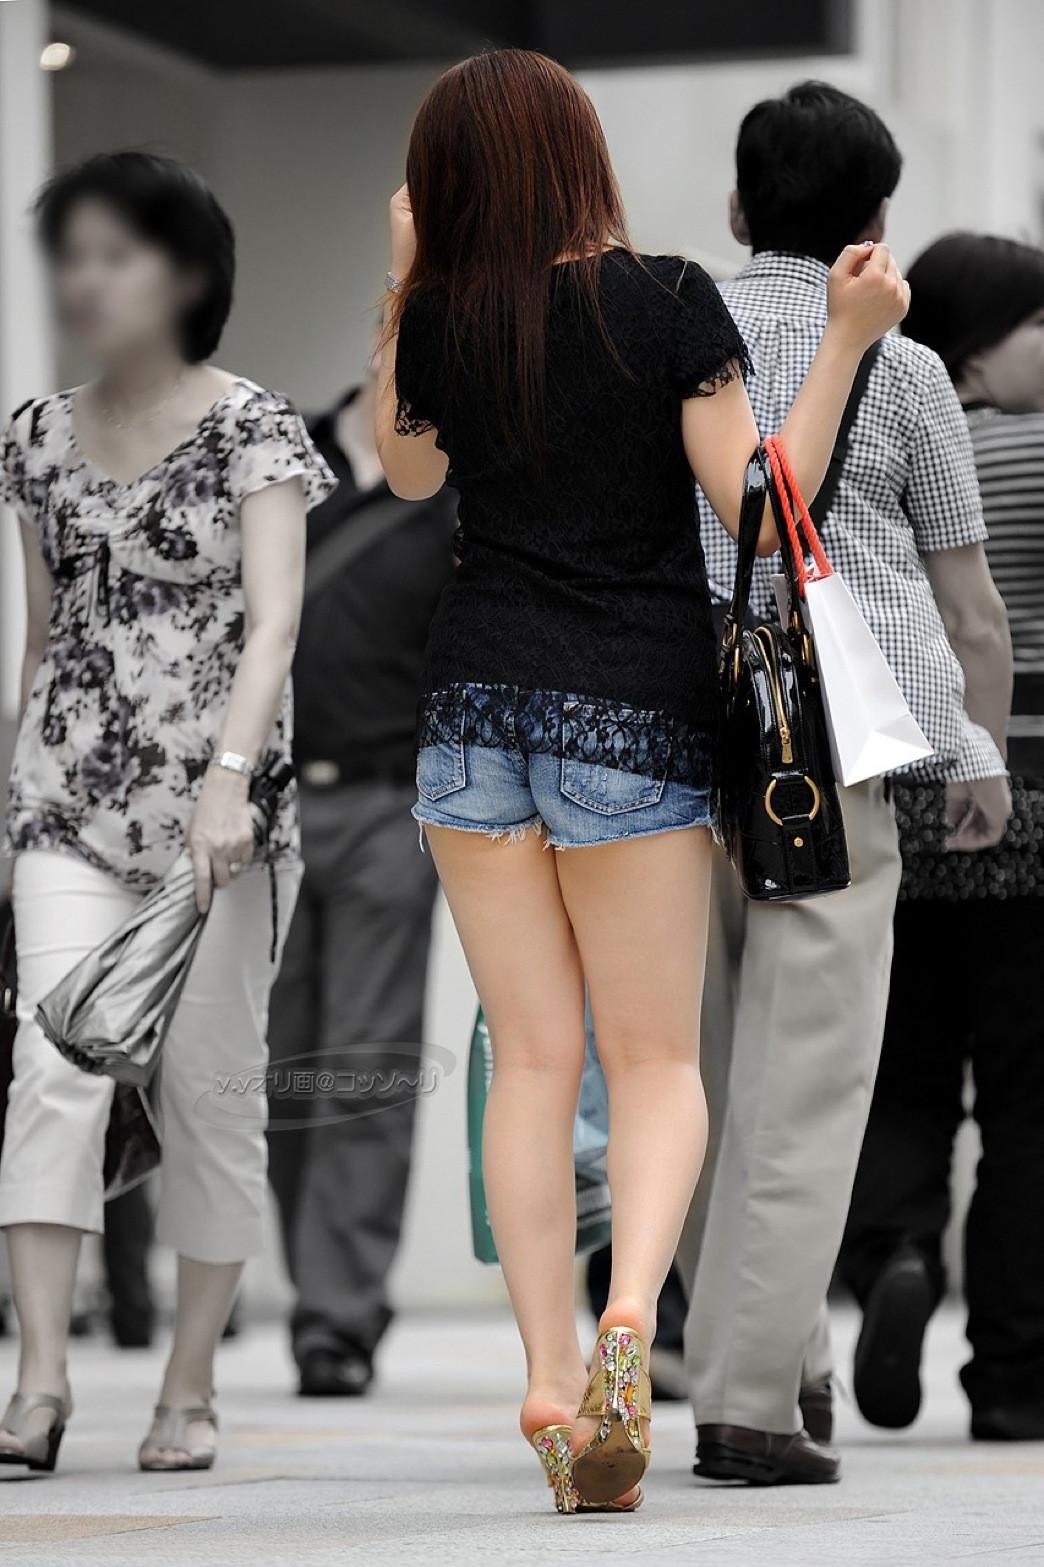 【街撮りエロ画像】夏が待ちきれないっ!ビッチなギャルの過激なファッションが露出し過ぎてレイプ不可避wwww その3